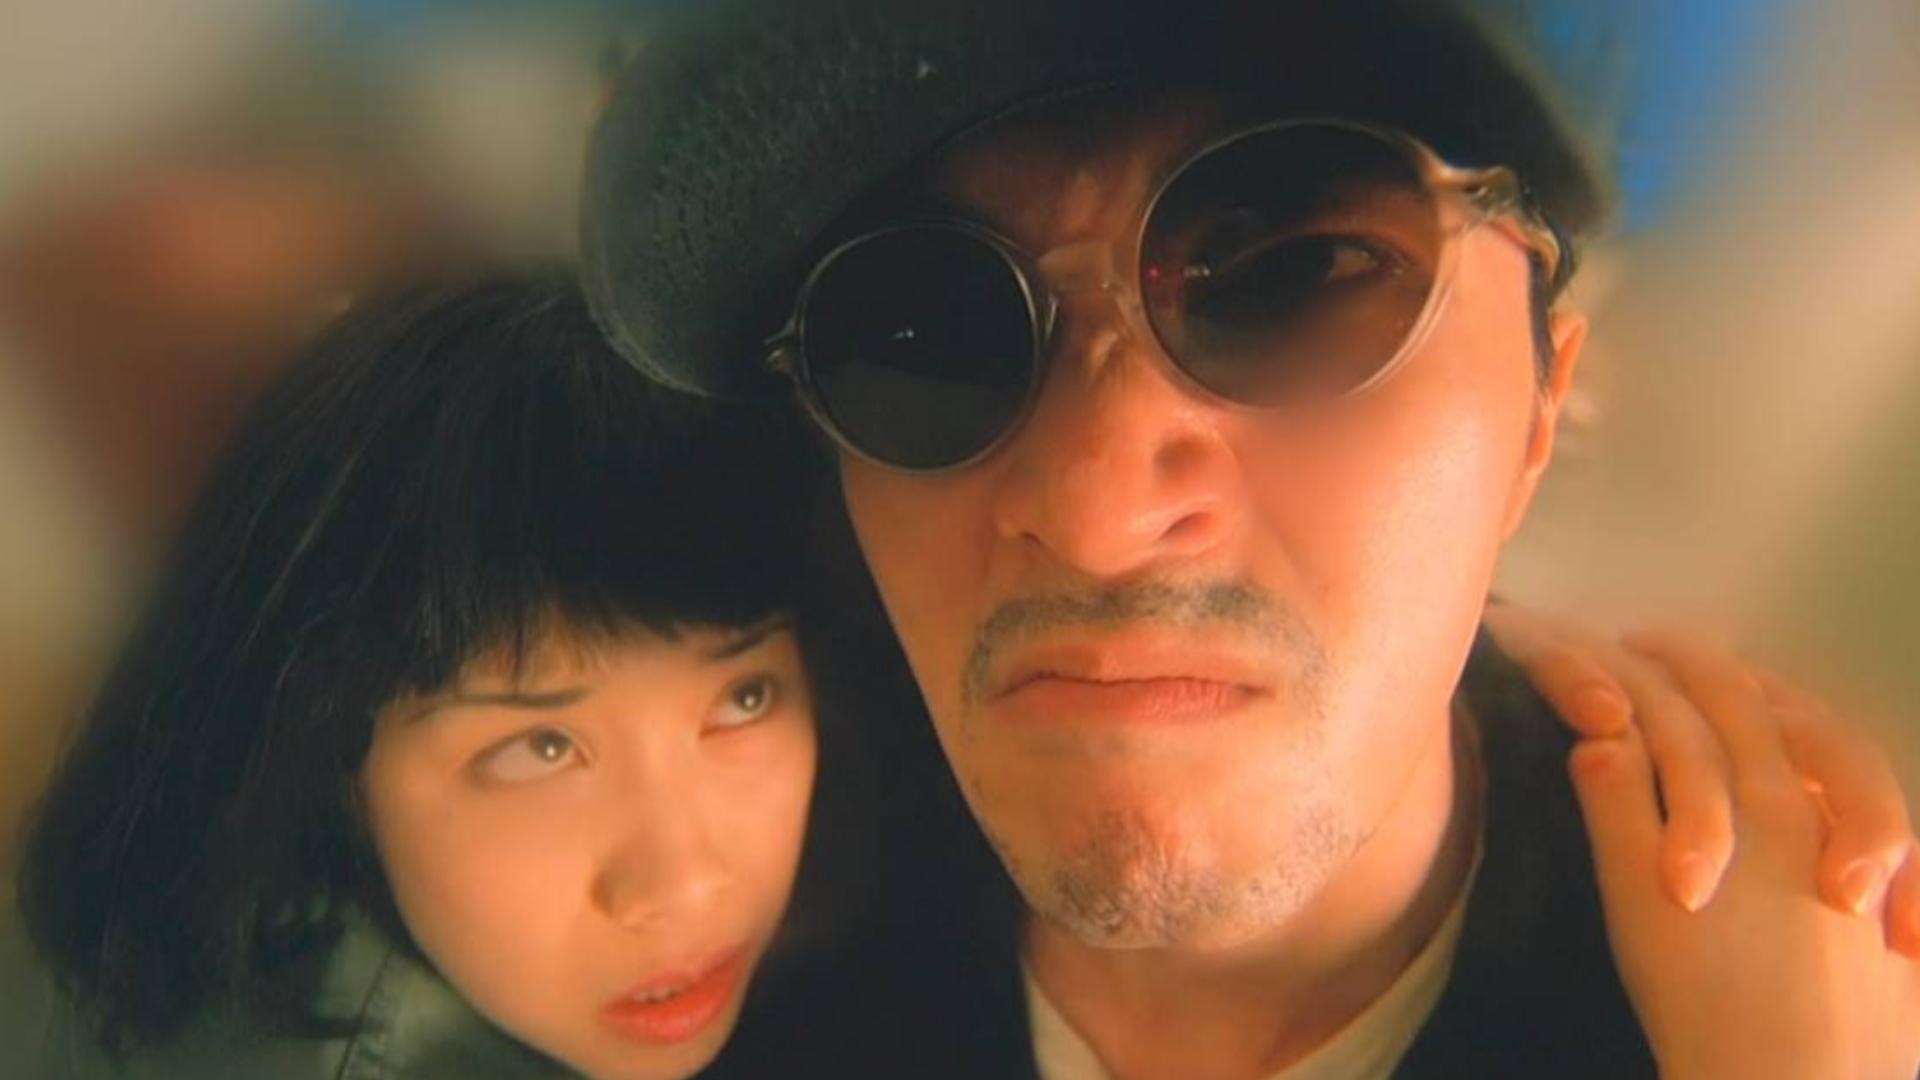 《回魂夜》周星驰不该被埋没的电影,看它如何成为《大话西游》之后的滑铁卢!